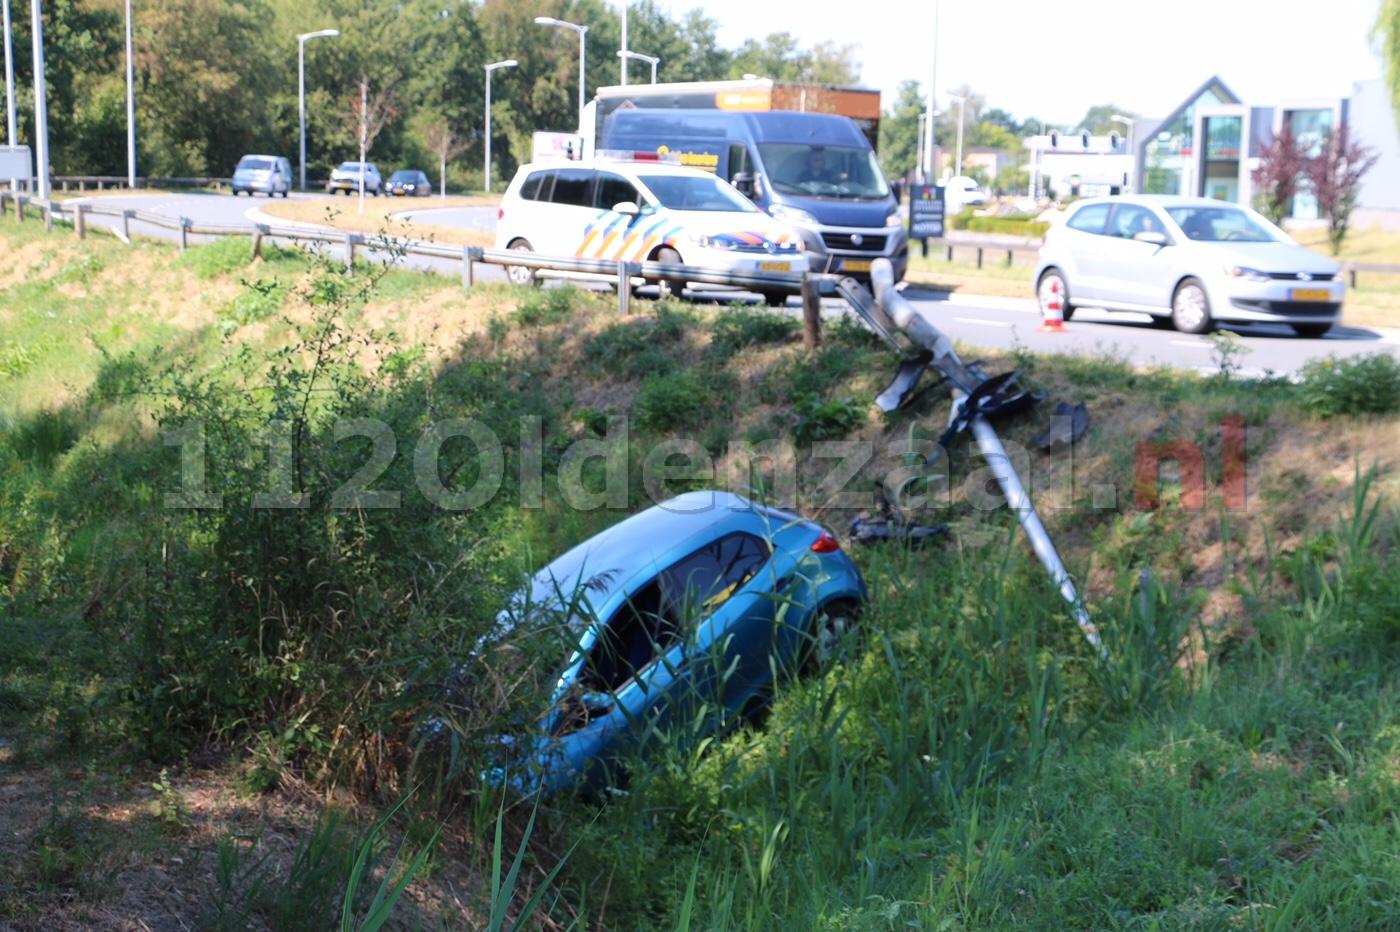 Gemeente Oldenzaal blijft inzetten op verkeersveiligheid in de stad